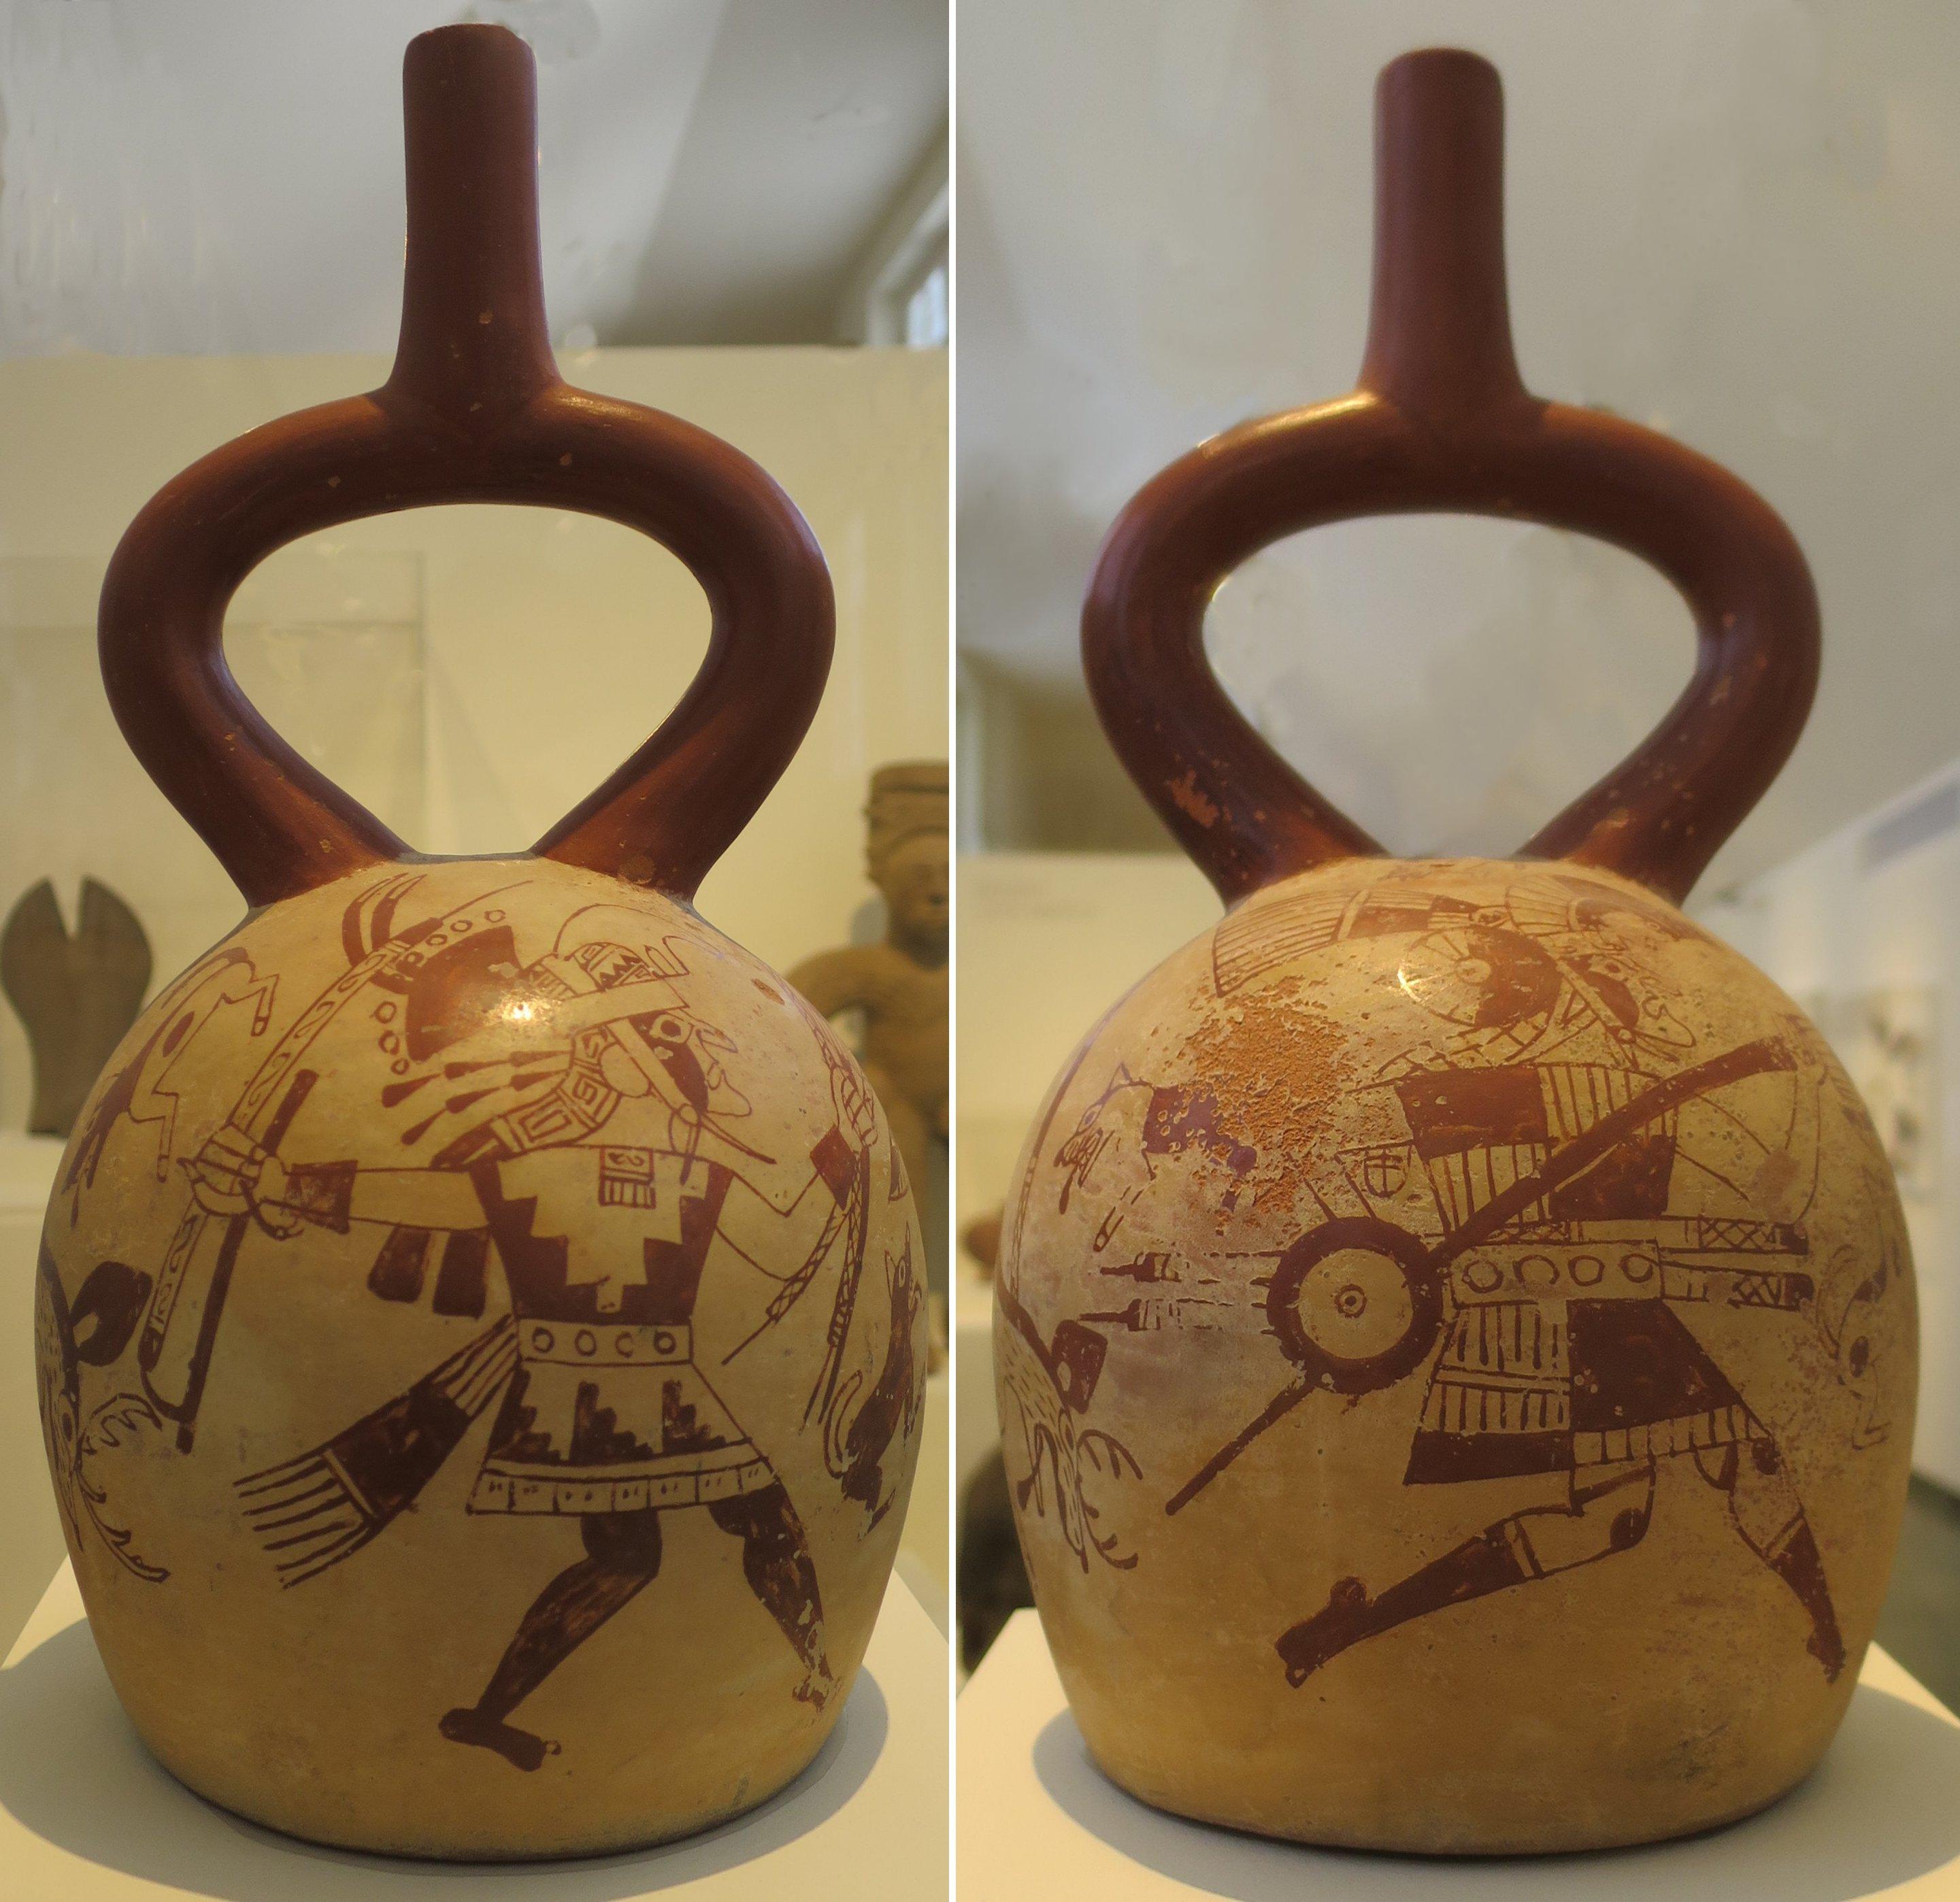 filestirrupspout vessel moche culture honolulu museum